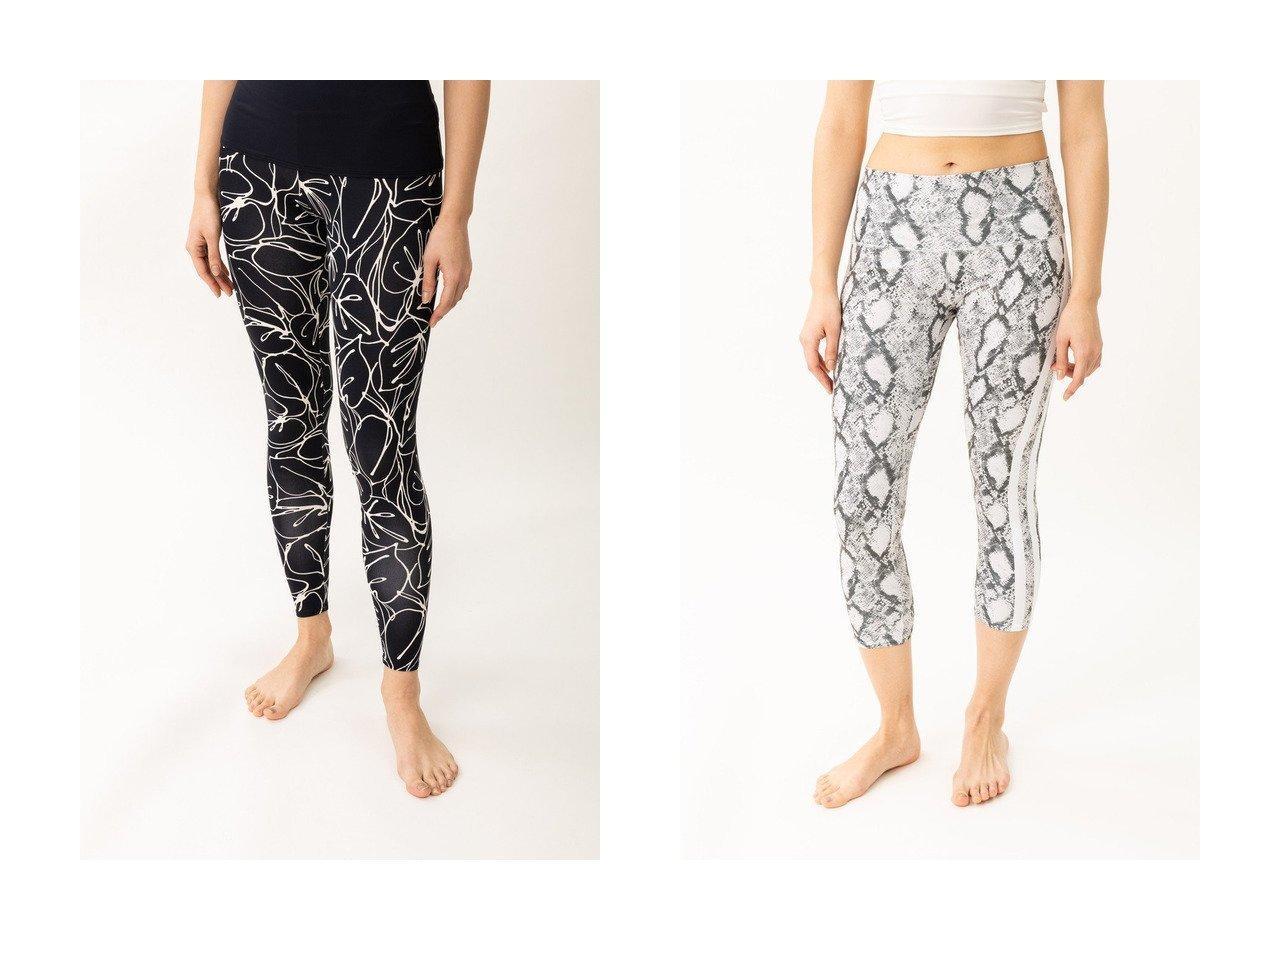 【Women's Health/ウィメンズヘルス】の【Style Boat Market】パイソン柄レギンス&【Linda Works】ヨガレギンス スポーツ・ヨガウェア、運動・ダイエットグッズなどのおすすめ!人気ファッション通販 おすすめで人気の流行・トレンド、ファッションの通販商品 メンズファッション・キッズファッション・インテリア・家具・レディースファッション・服の通販 founy(ファニー) https://founy.com/ ファッション Fashion レディースファッション WOMEN パンツ Pants レギンス Leggings おすすめ Recommend インナー ショーツ シンプル スポーツ ファブリック フィット プリント モノトーン ヨガ リーフ レギンス トレンド パイソン 定番 Standard |ID:crp329100000028414